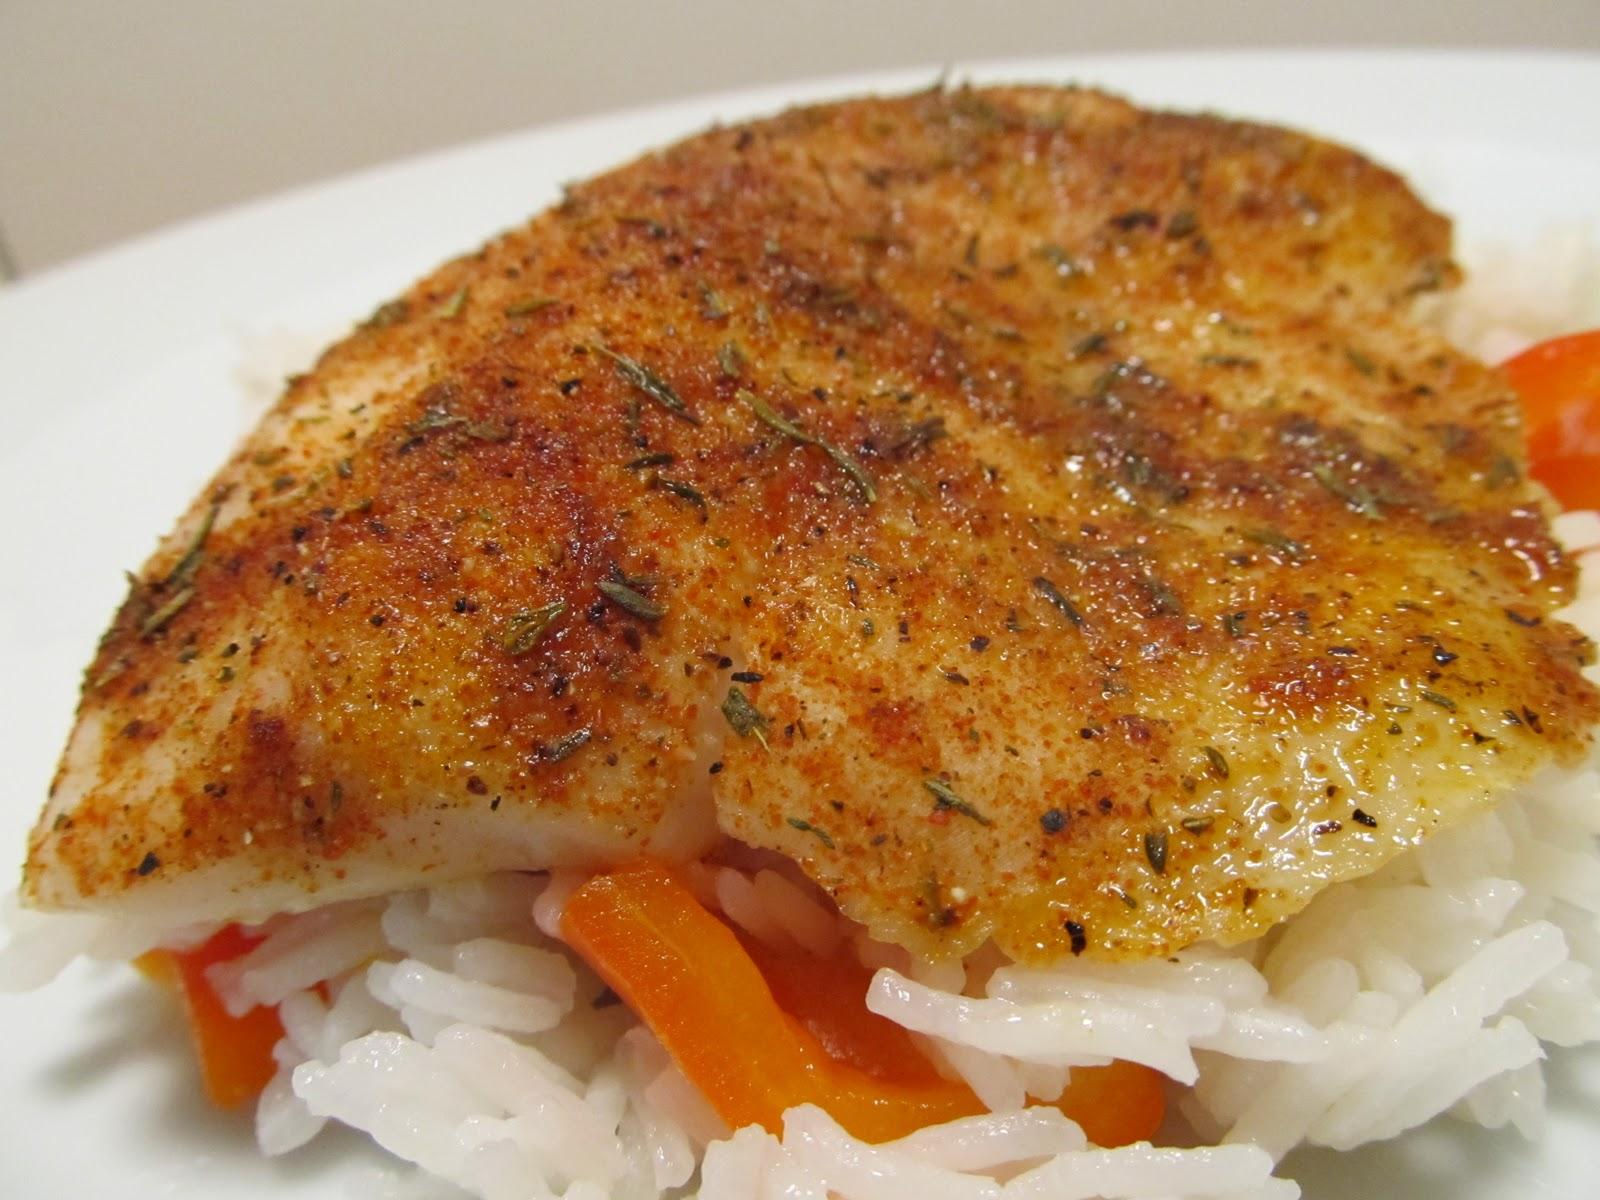 Baked cajun fish for Cajun fish recipes